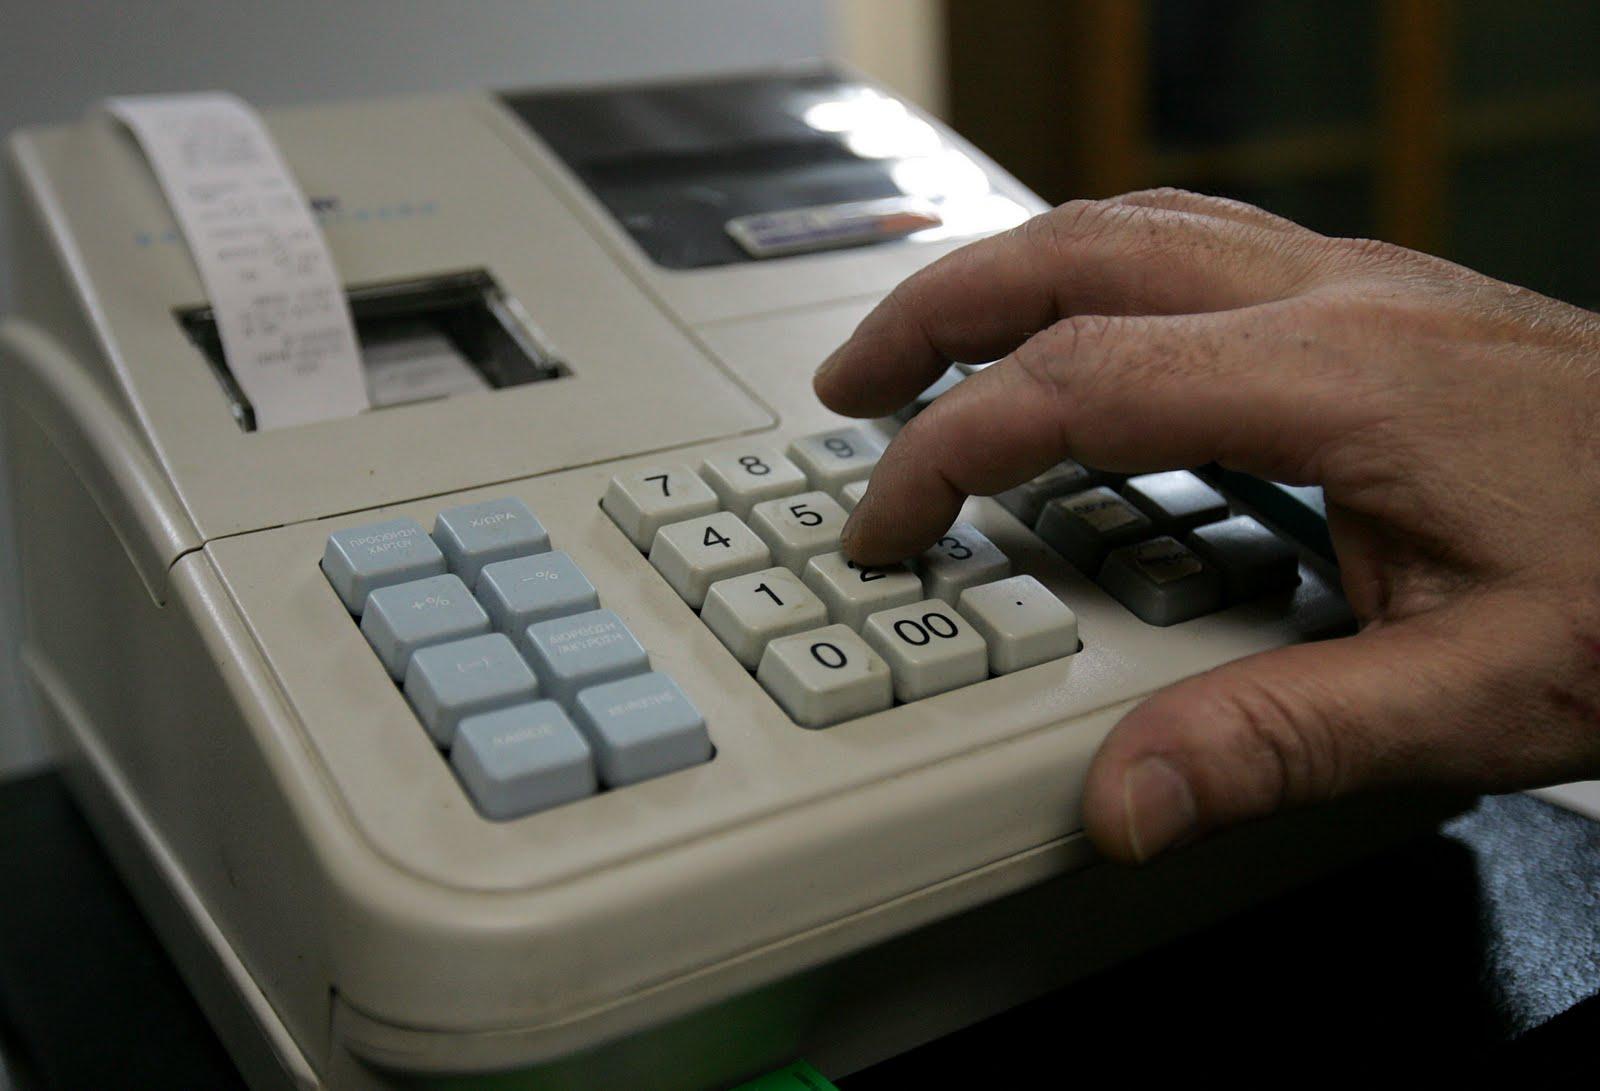 Ποια επαγγέλματα δεν χρειάζονται ταμειακή μηχανή